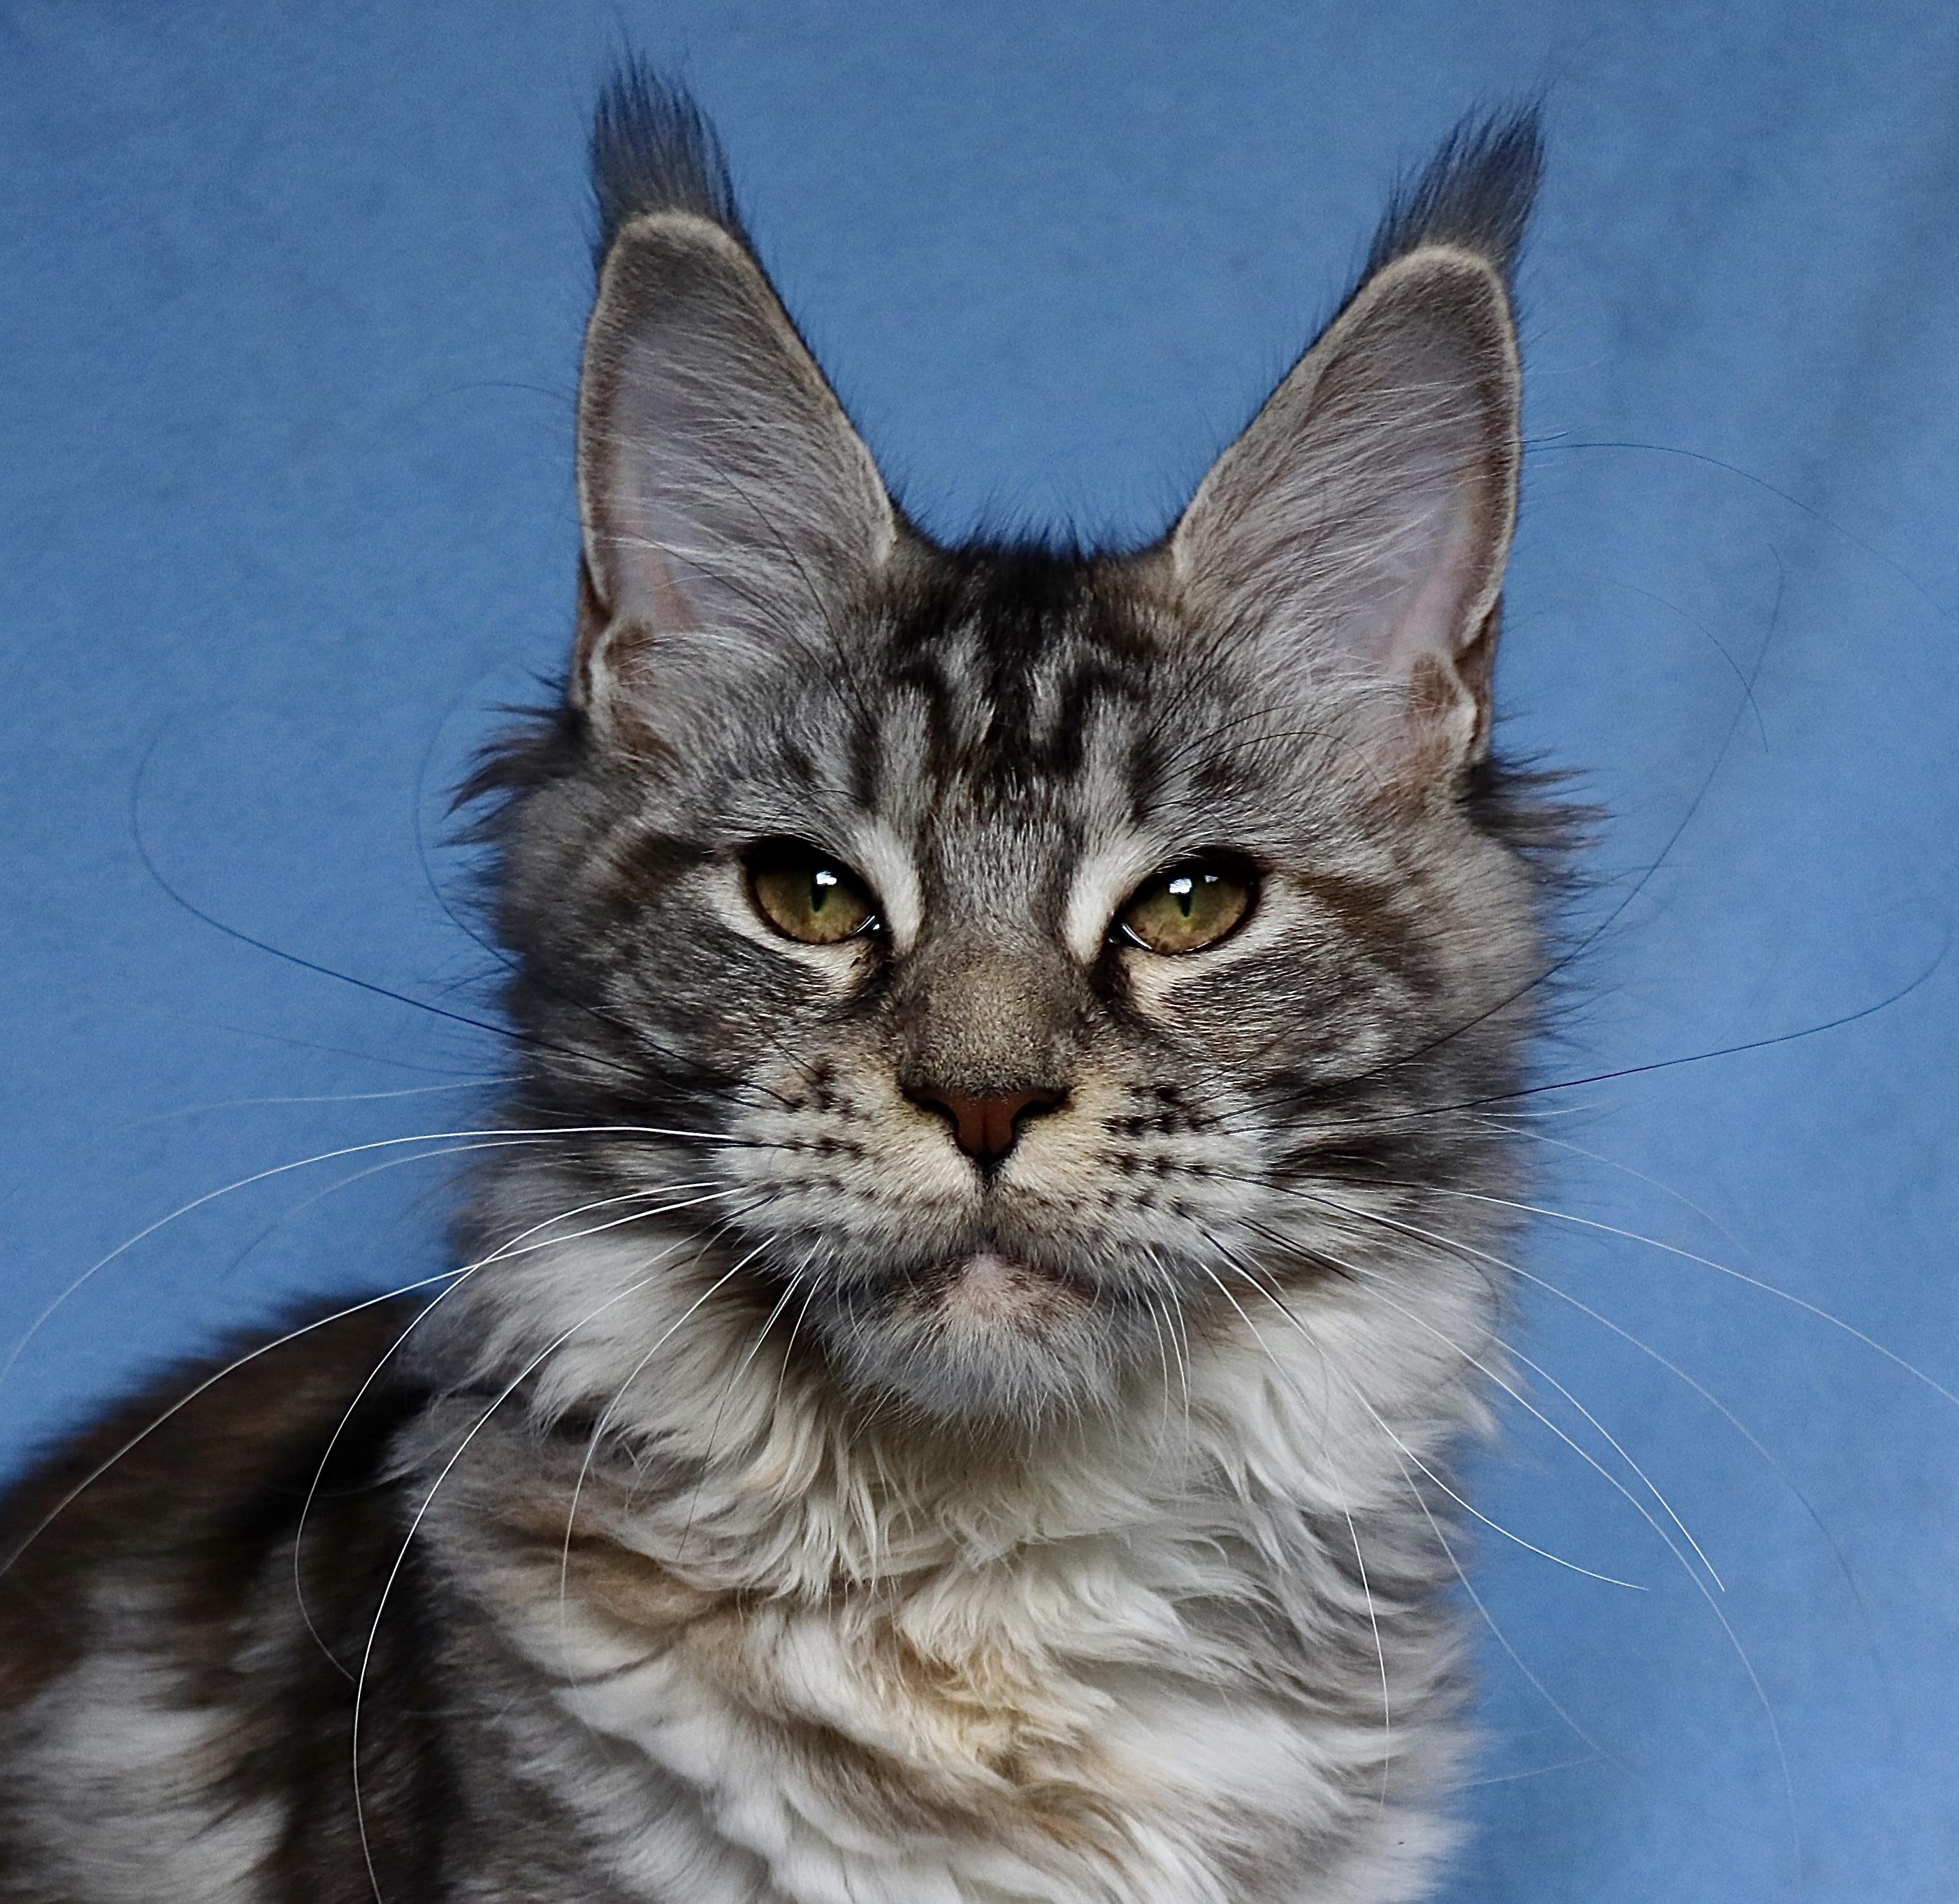 fotka kočky WANNABE GATTACAMOON*SK